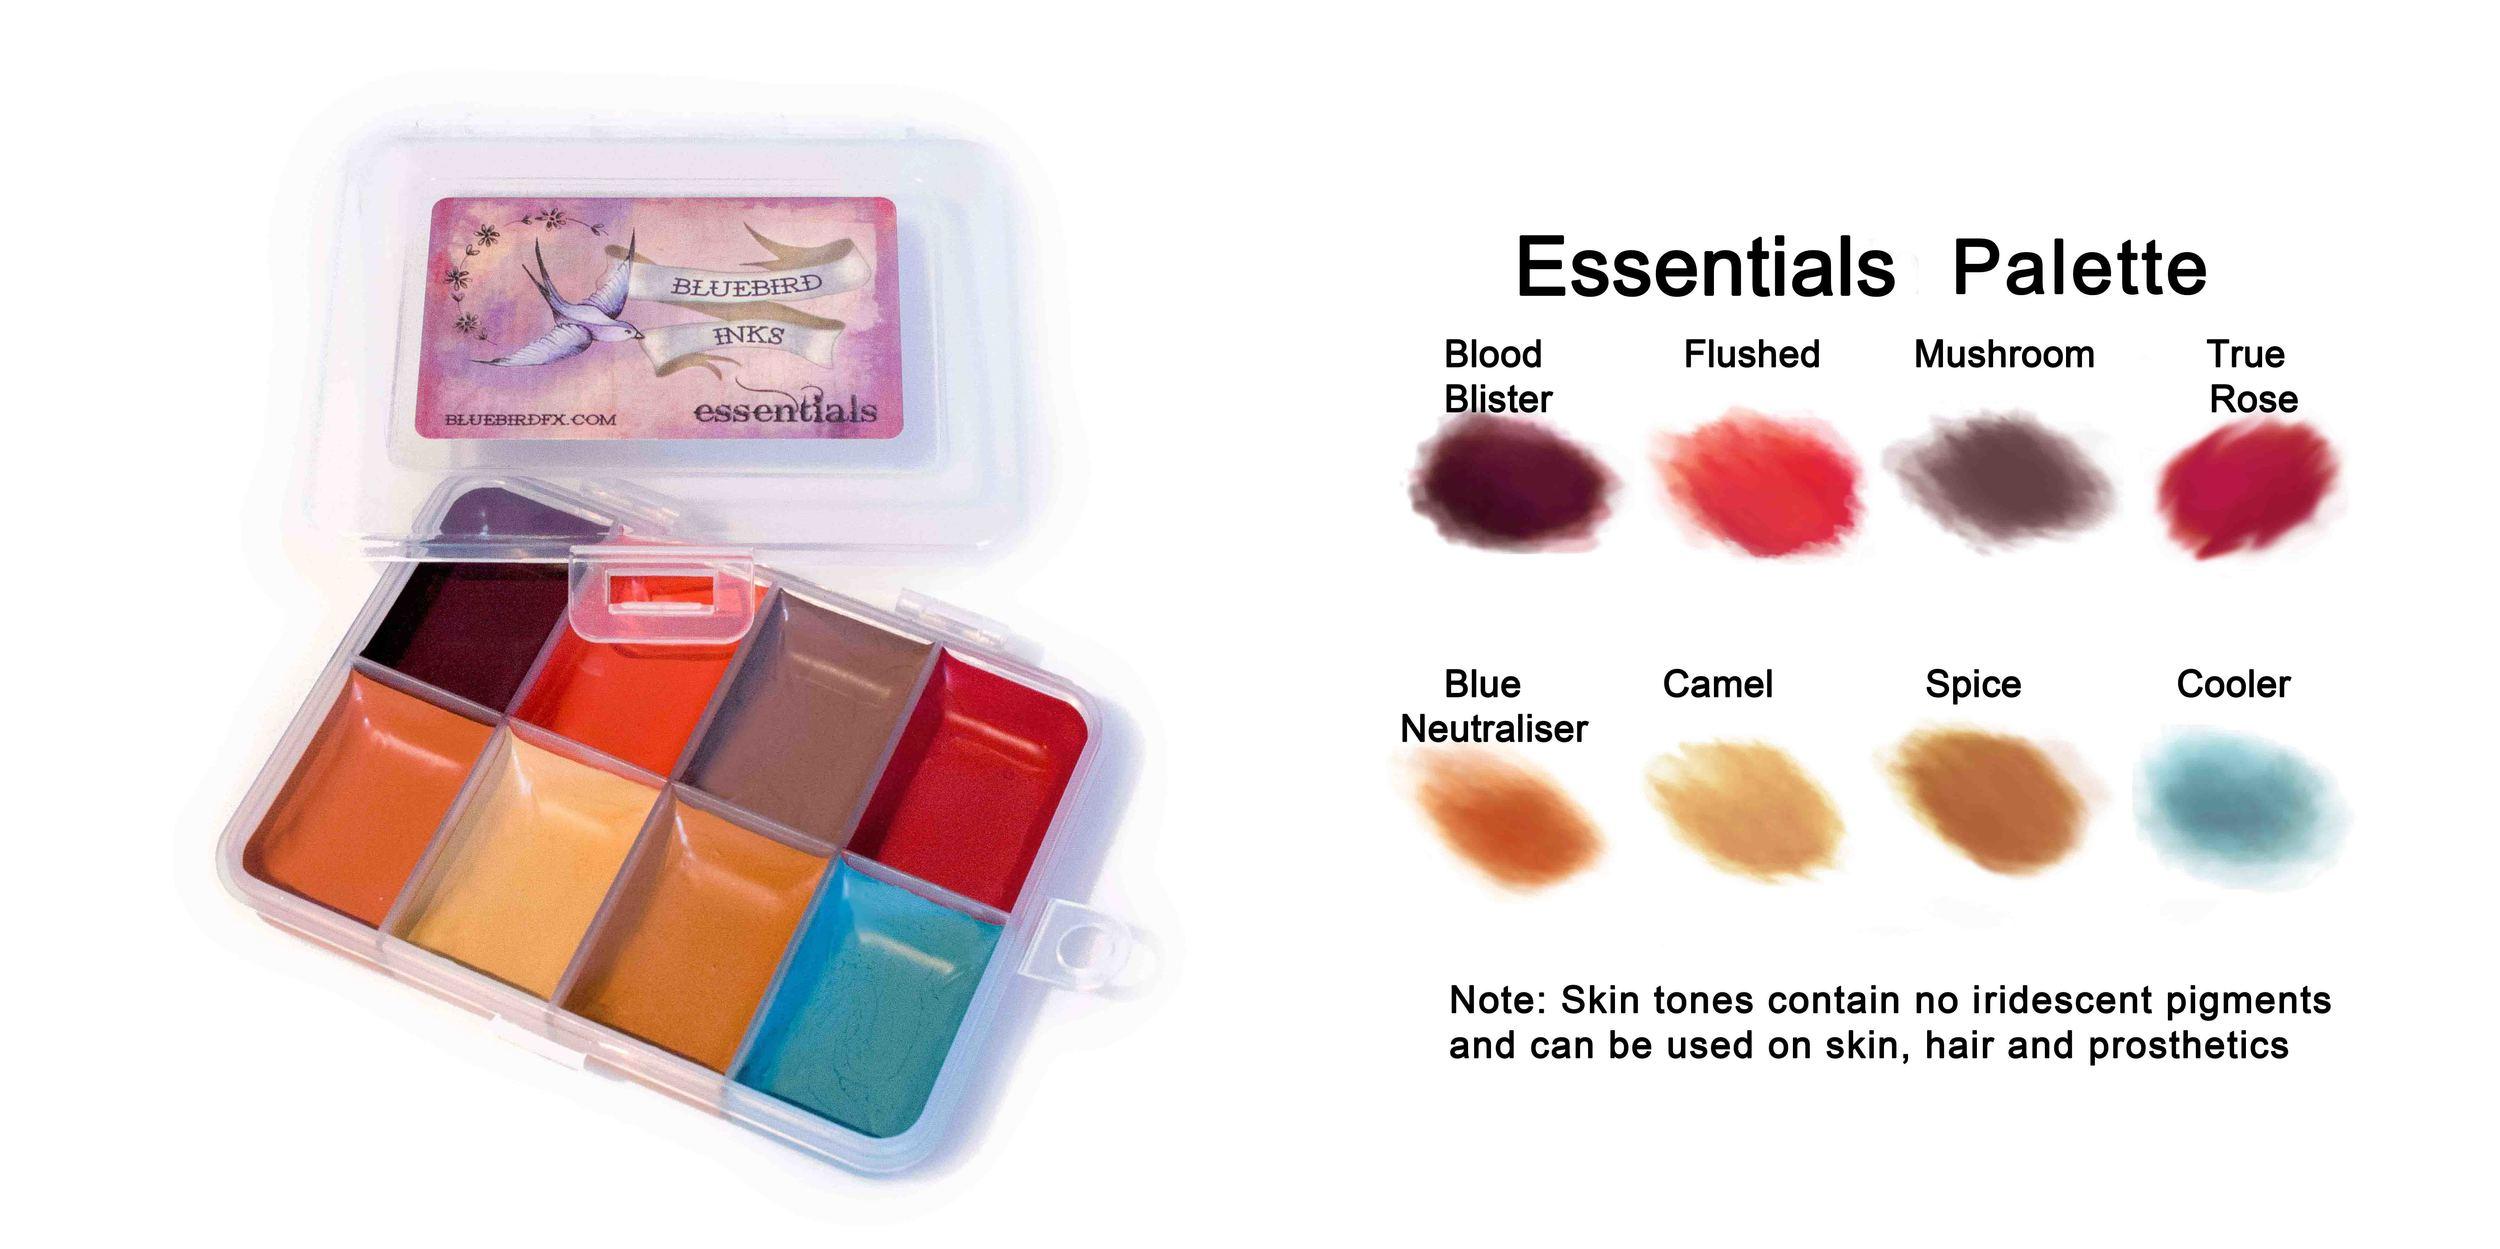 Essentials Palette